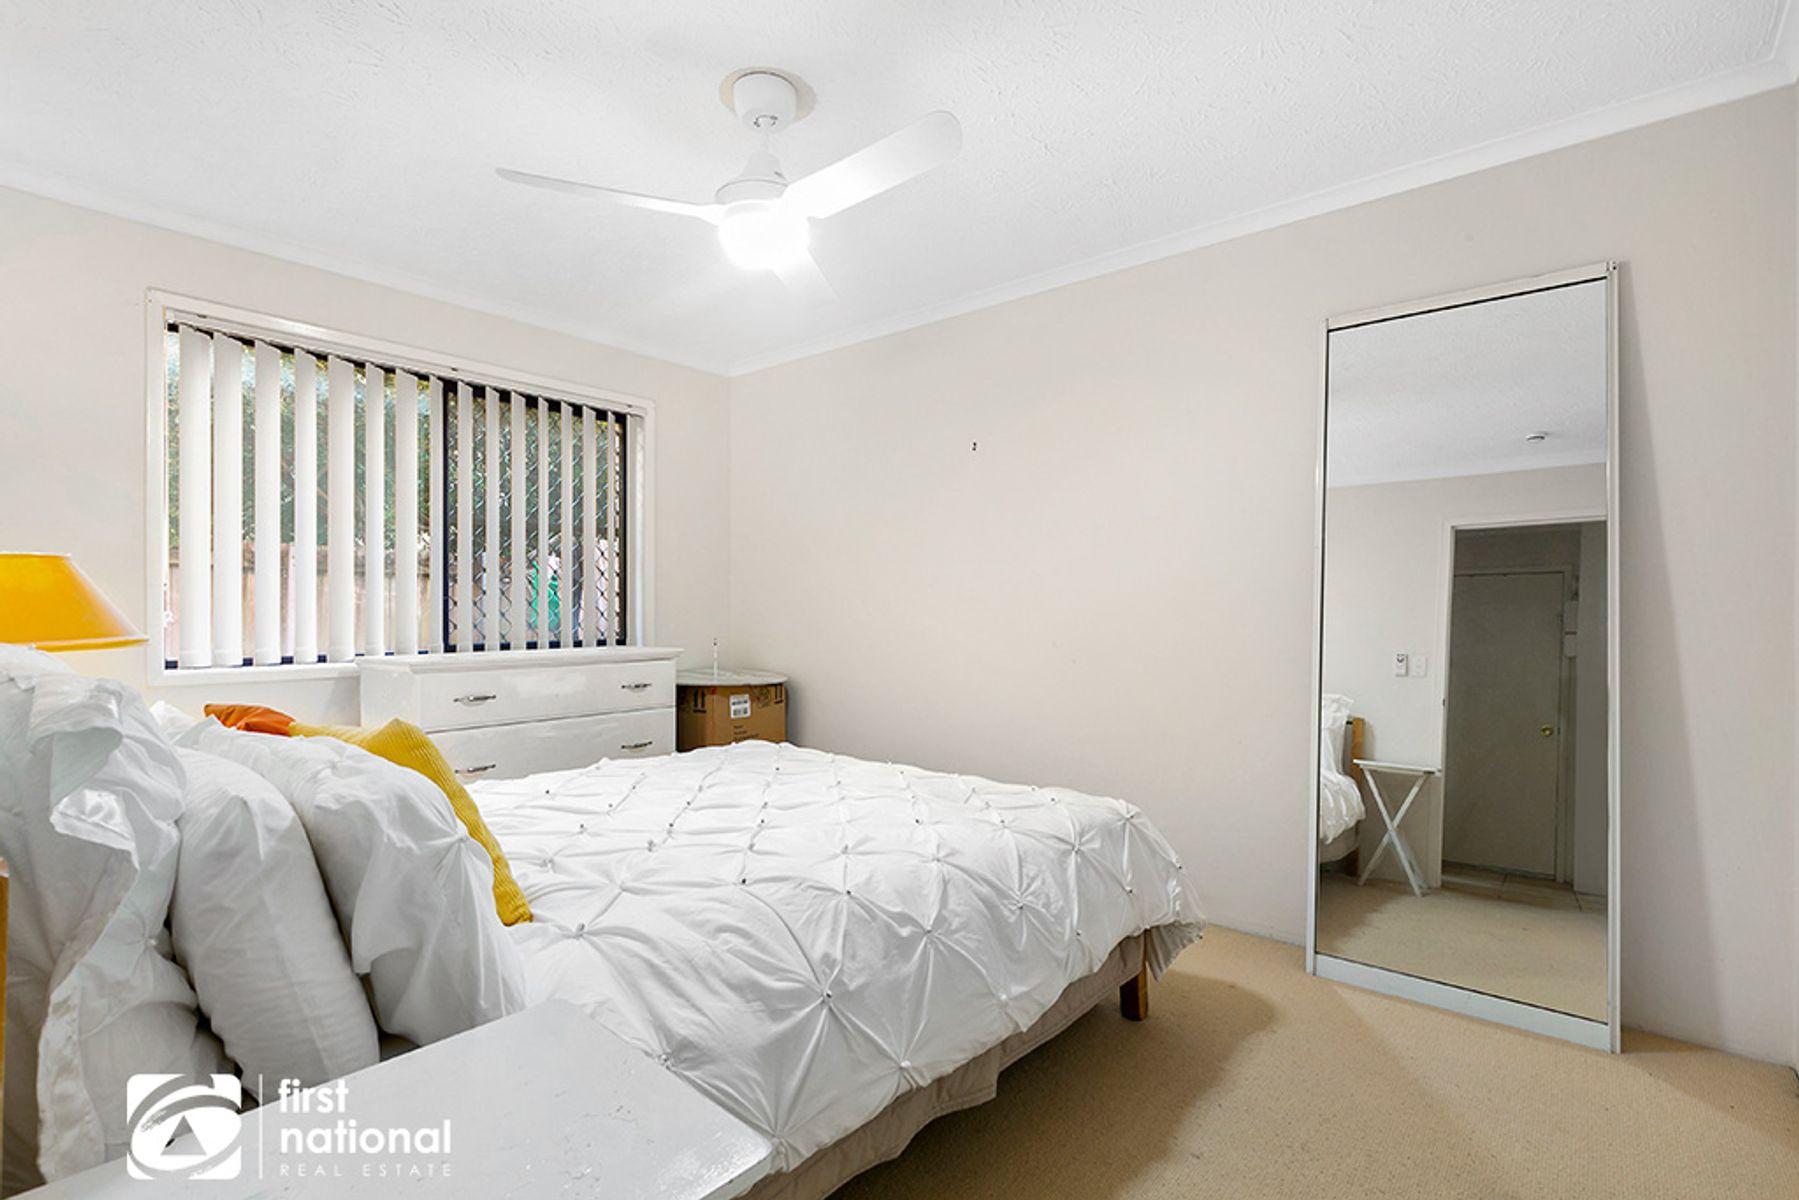 2/16 Madang Crescent, Runaway Bay, QLD 4216